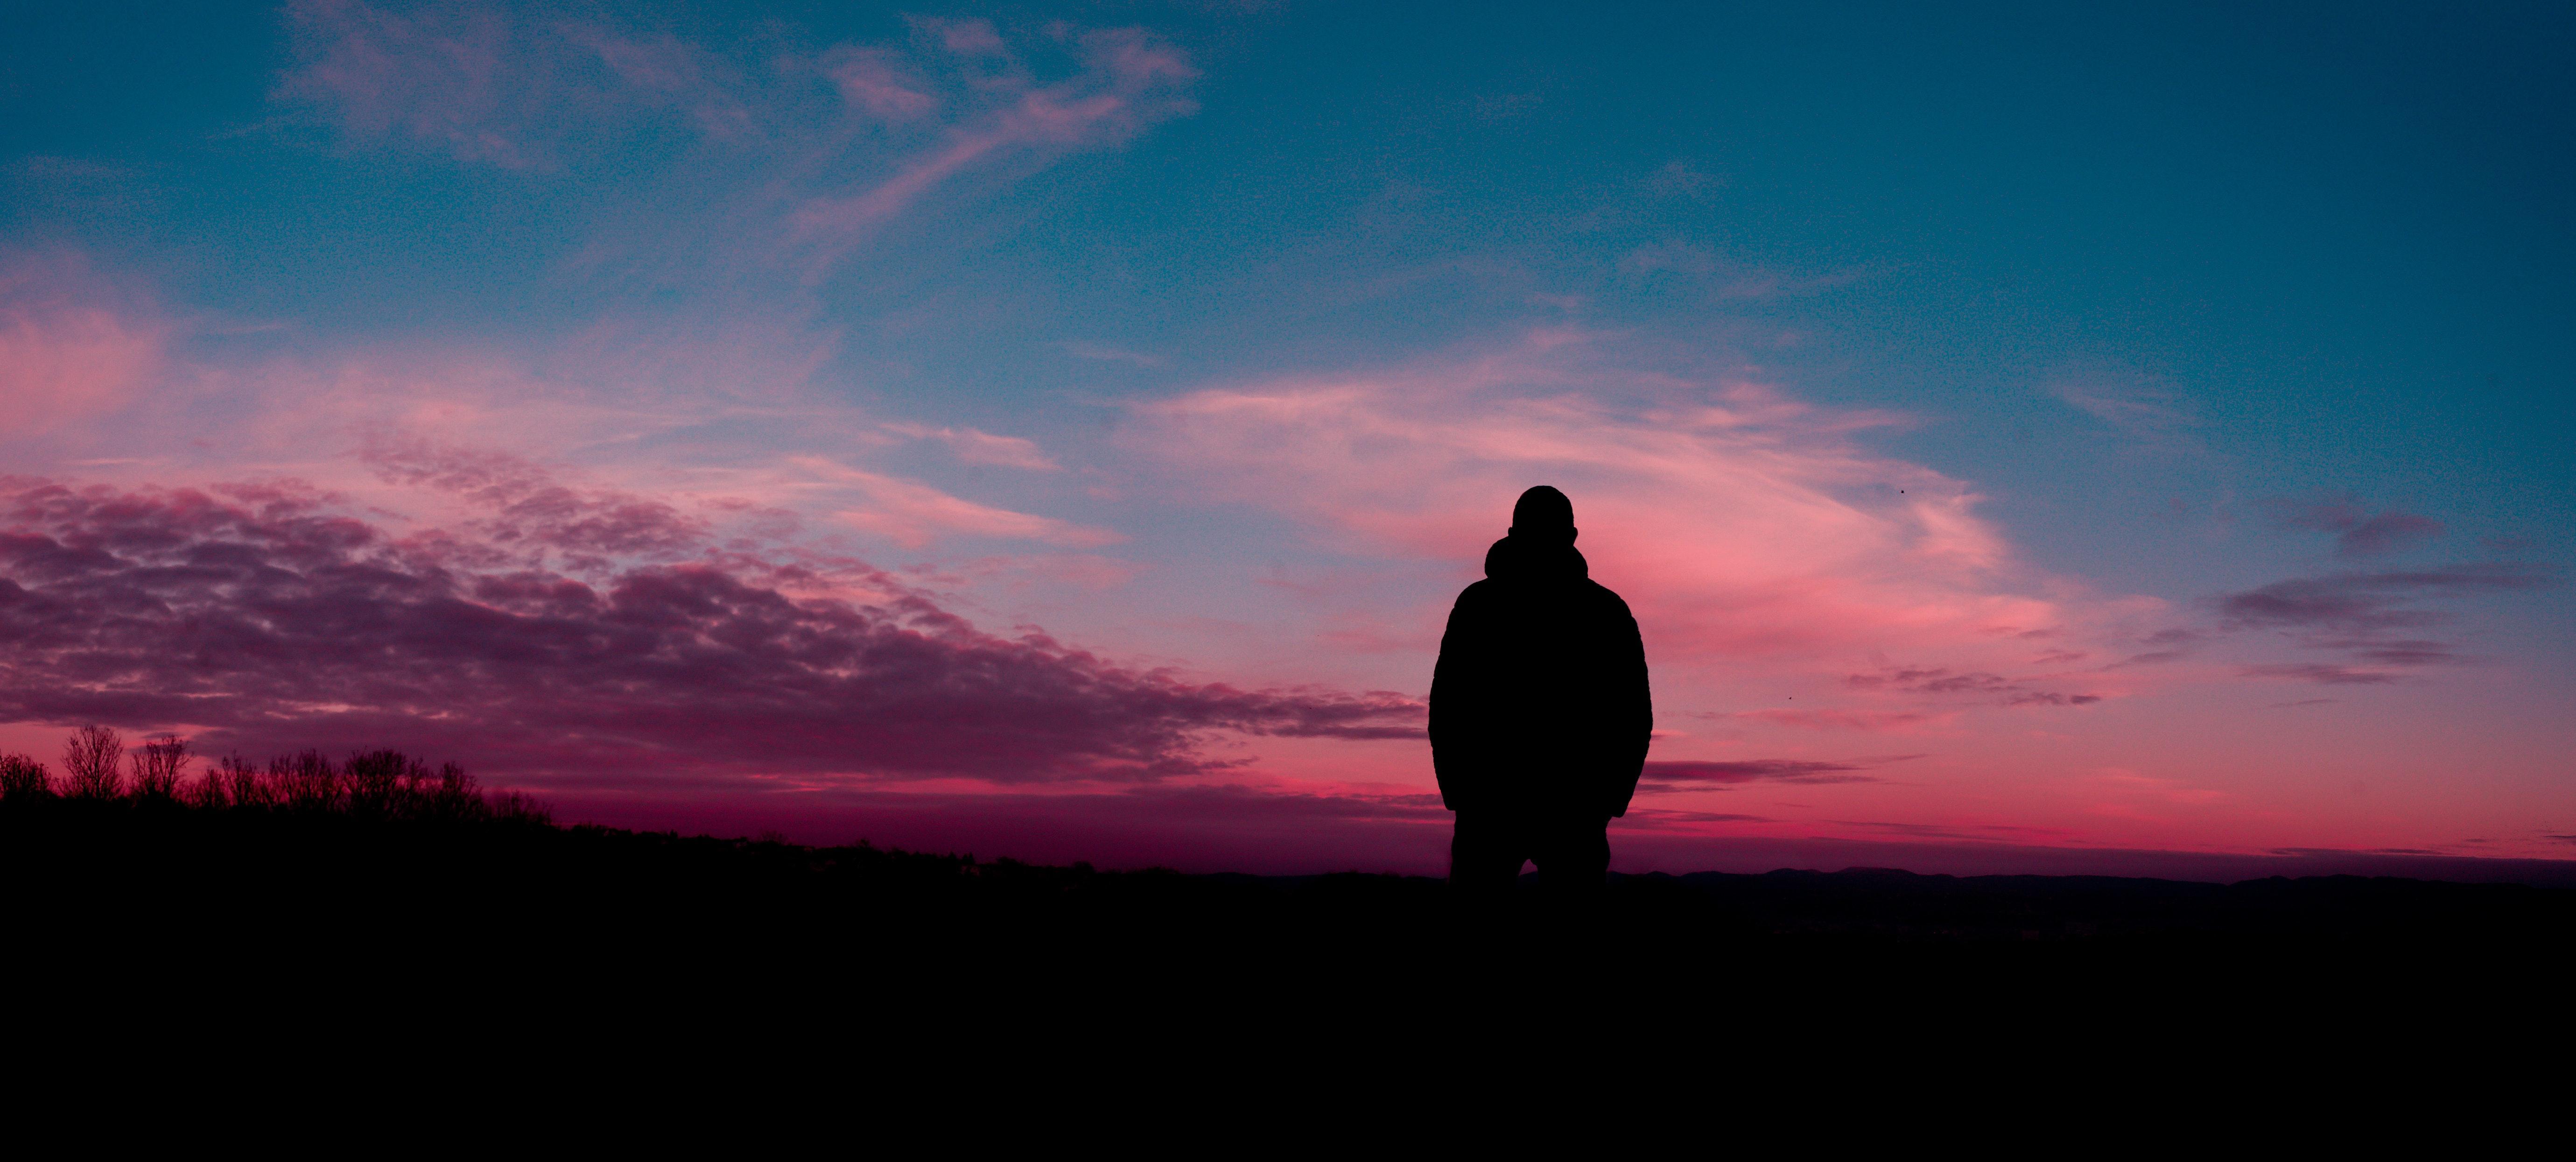 Hình nền máy tính chàng trai cô đơn ngắm trời đỏ hoàng hôn